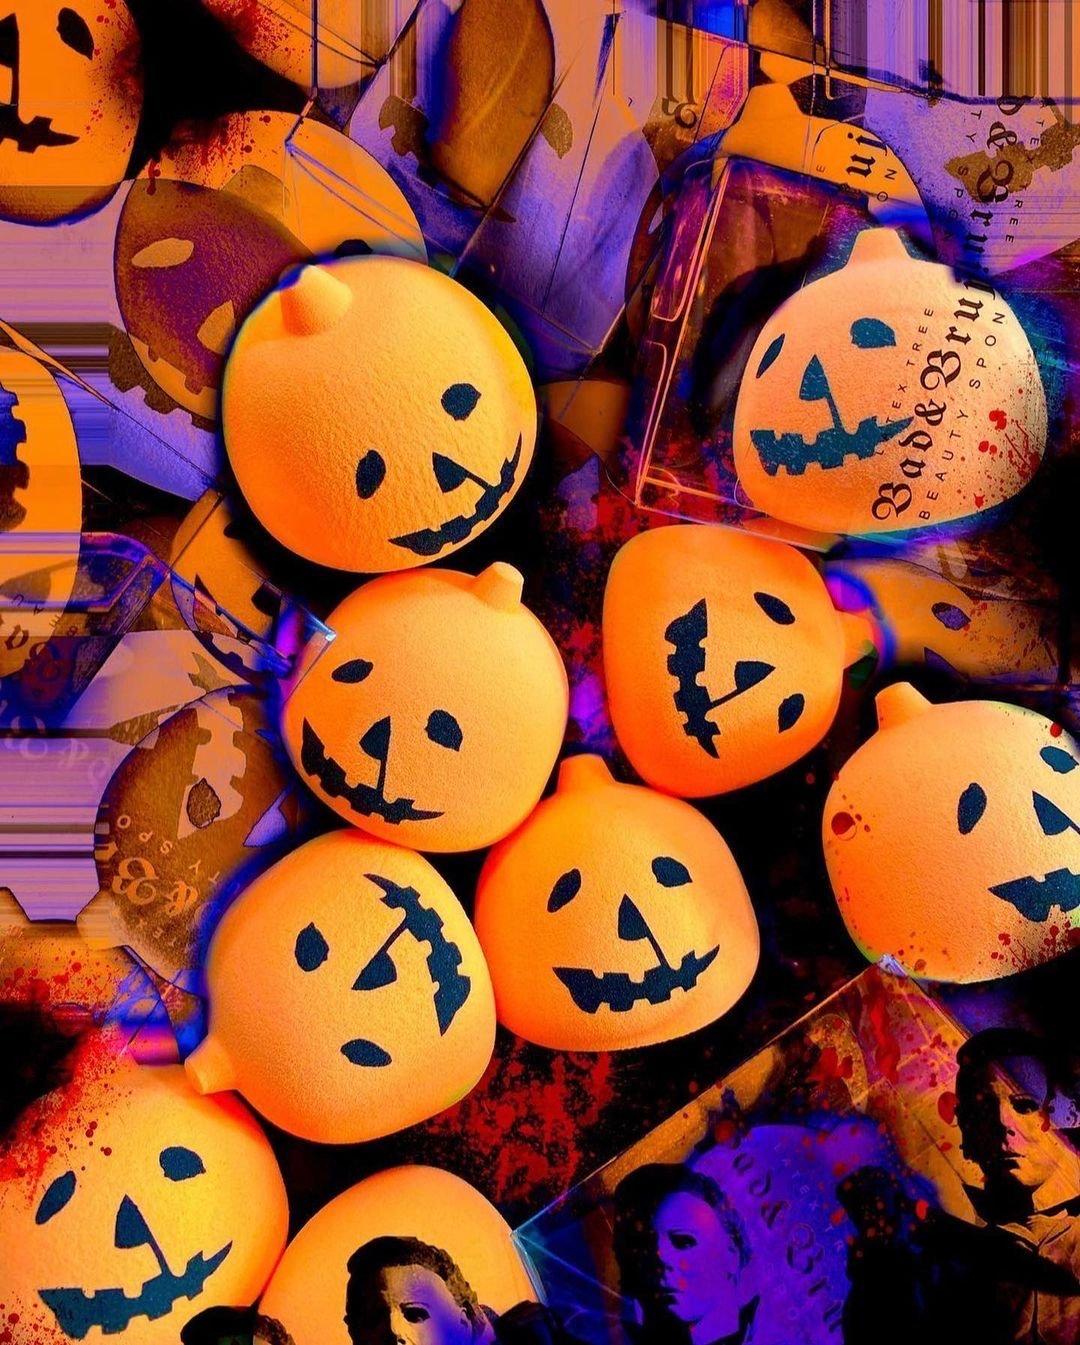 Image of Pumpkin sponge